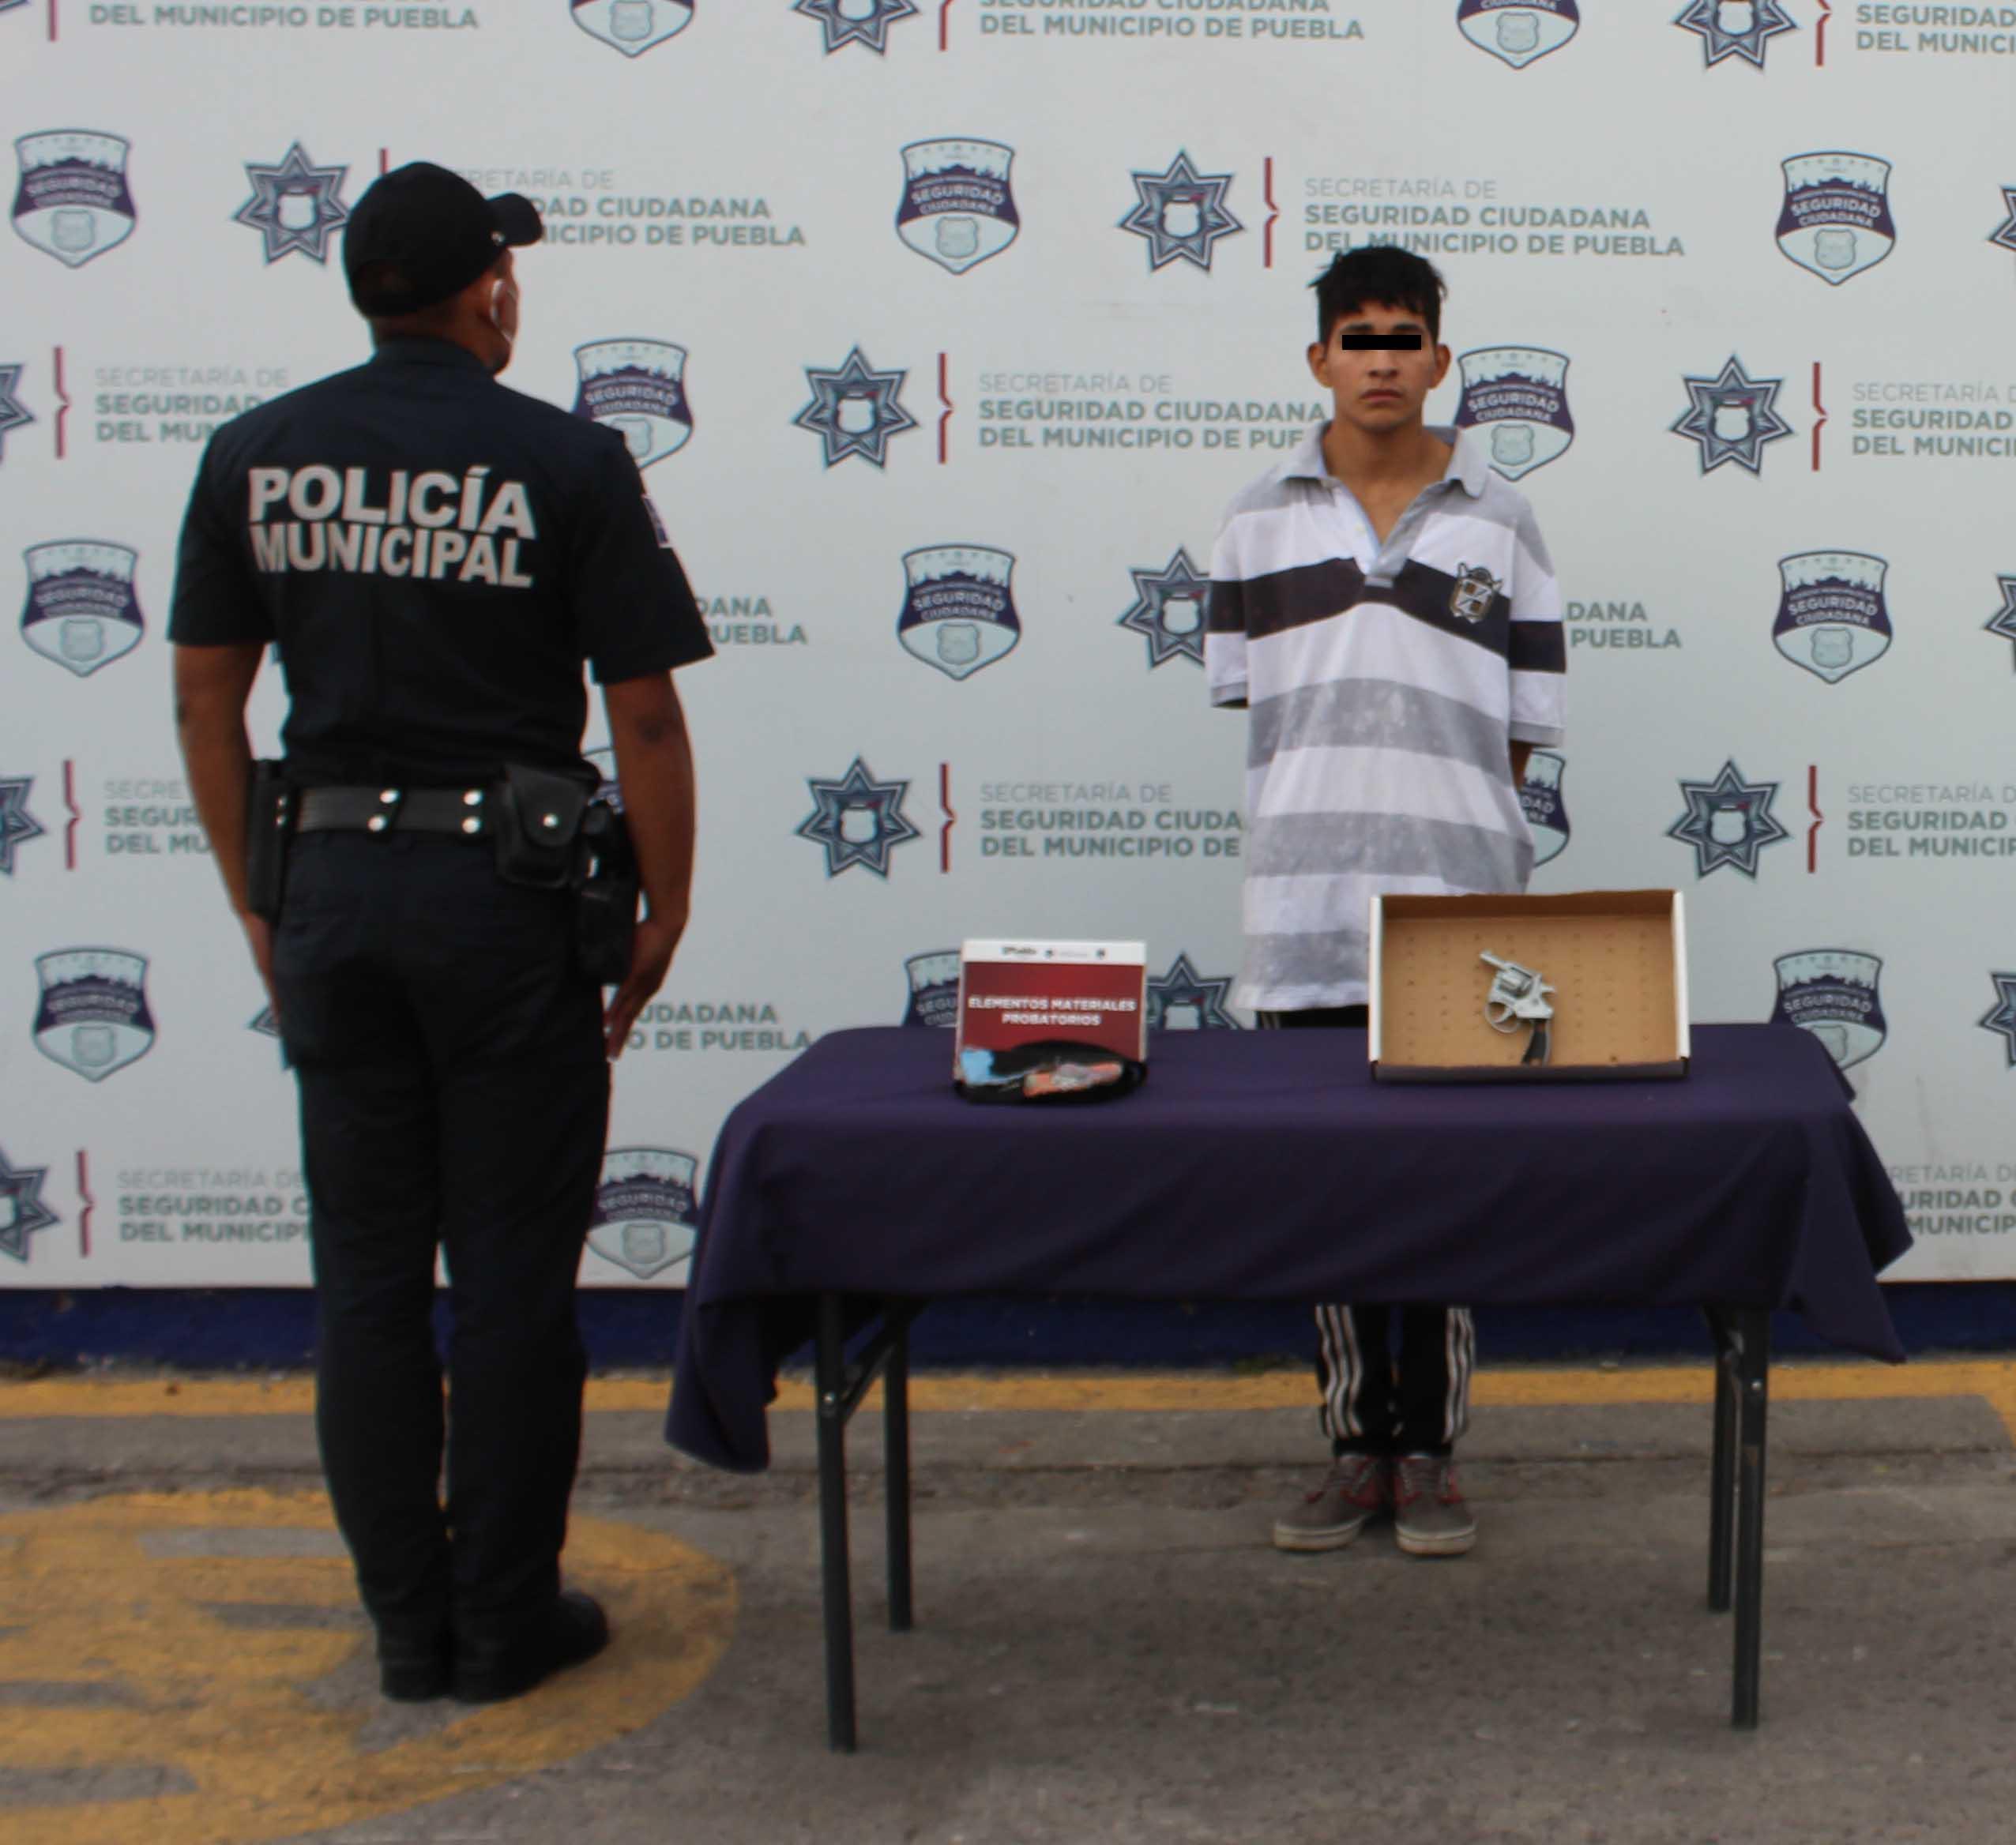 Mediante seguimiento,ubicó y detuvo Policía Municipal de Puebla a hombre presuntamente dedicado al robo de motocicletas.